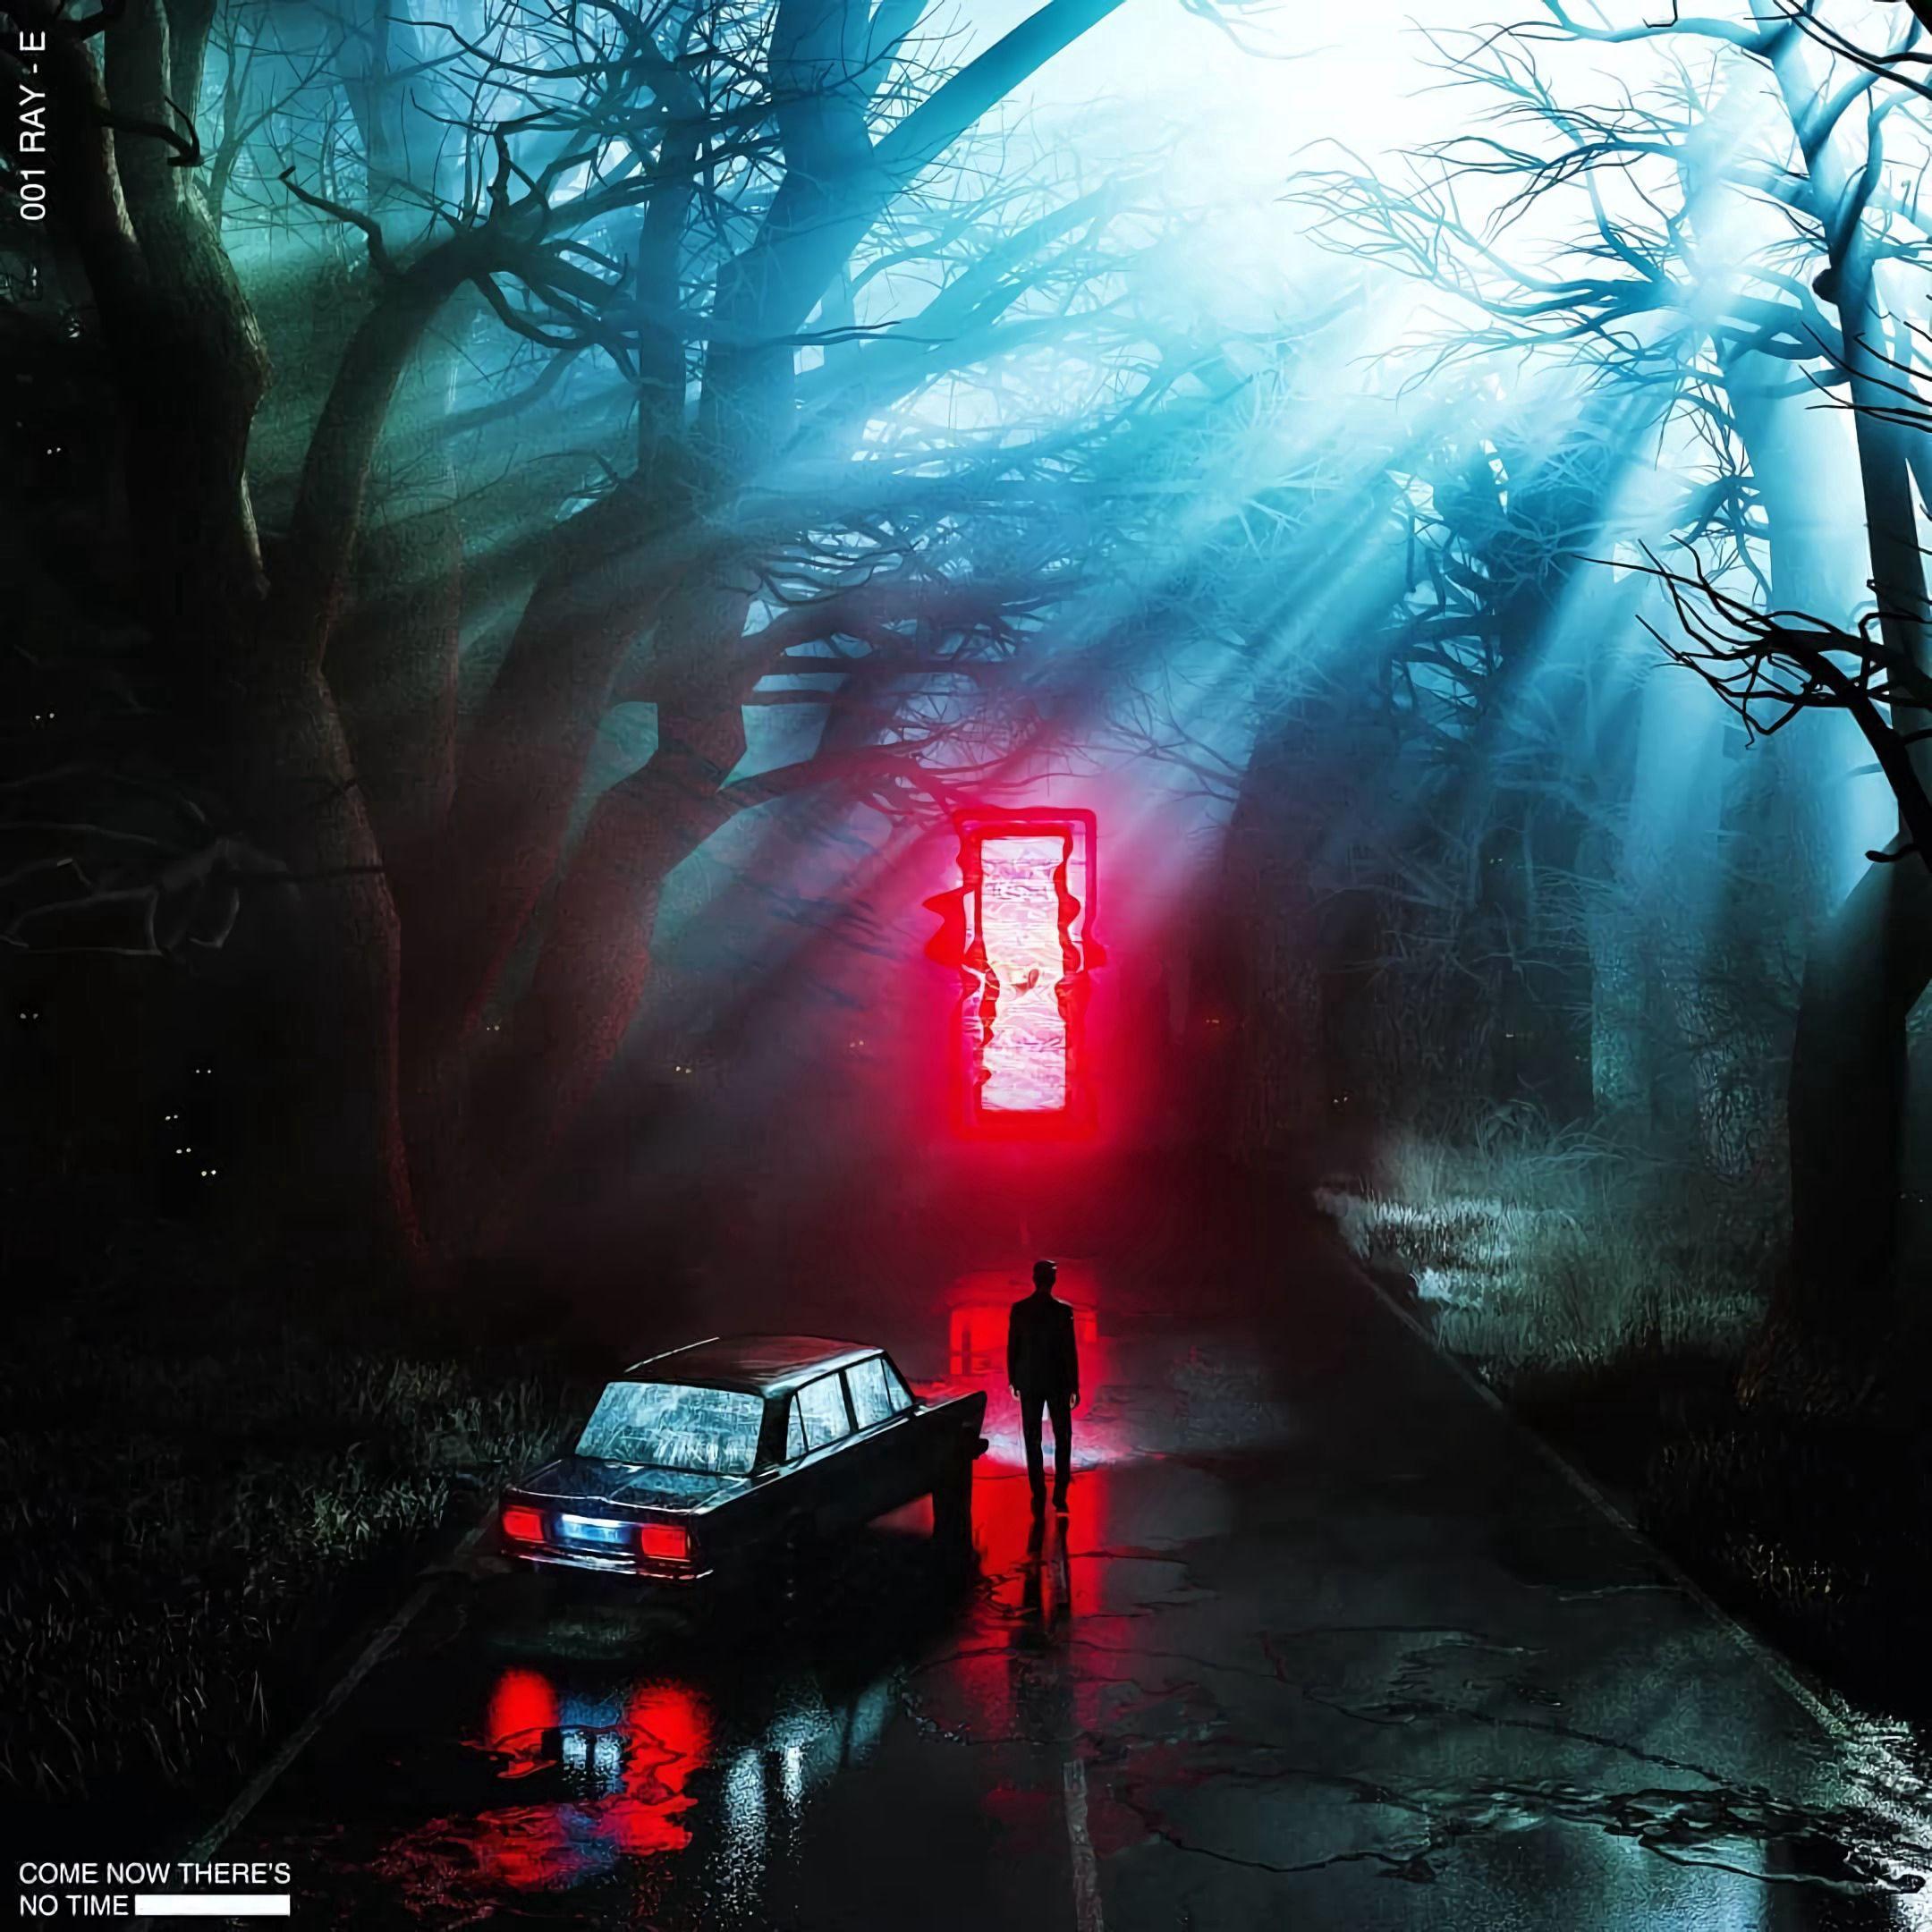 84204 скачать обои Портал, Машина, Свечение, Ночь, Арт, Силуэт, Темнота - заставки и картинки бесплатно